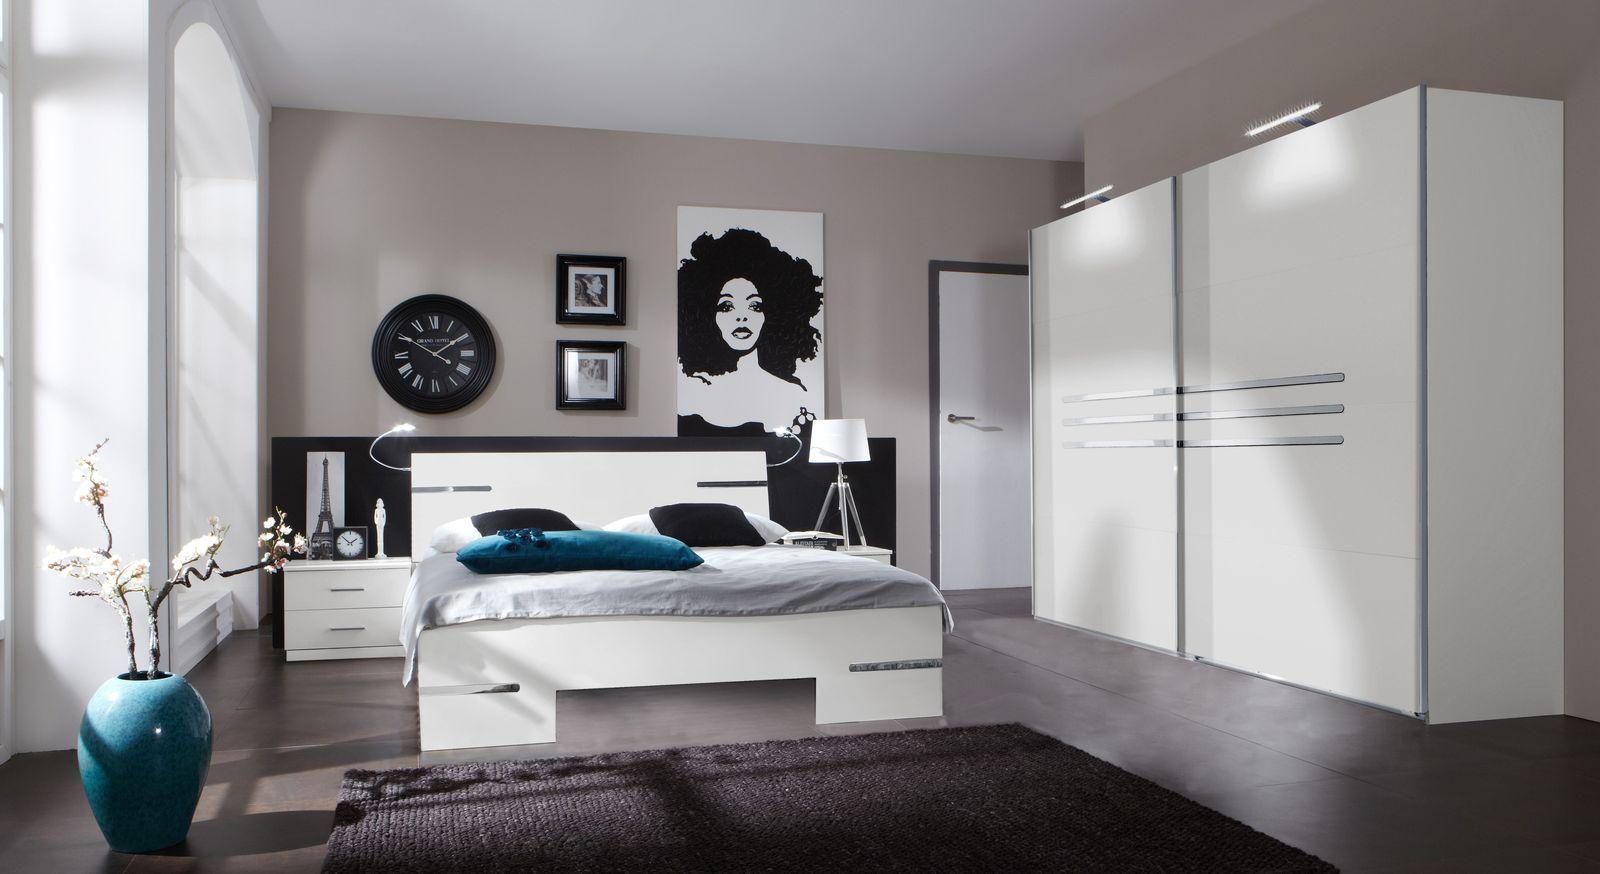 Preiswertes Schlafzimmer Manati in modernem Look